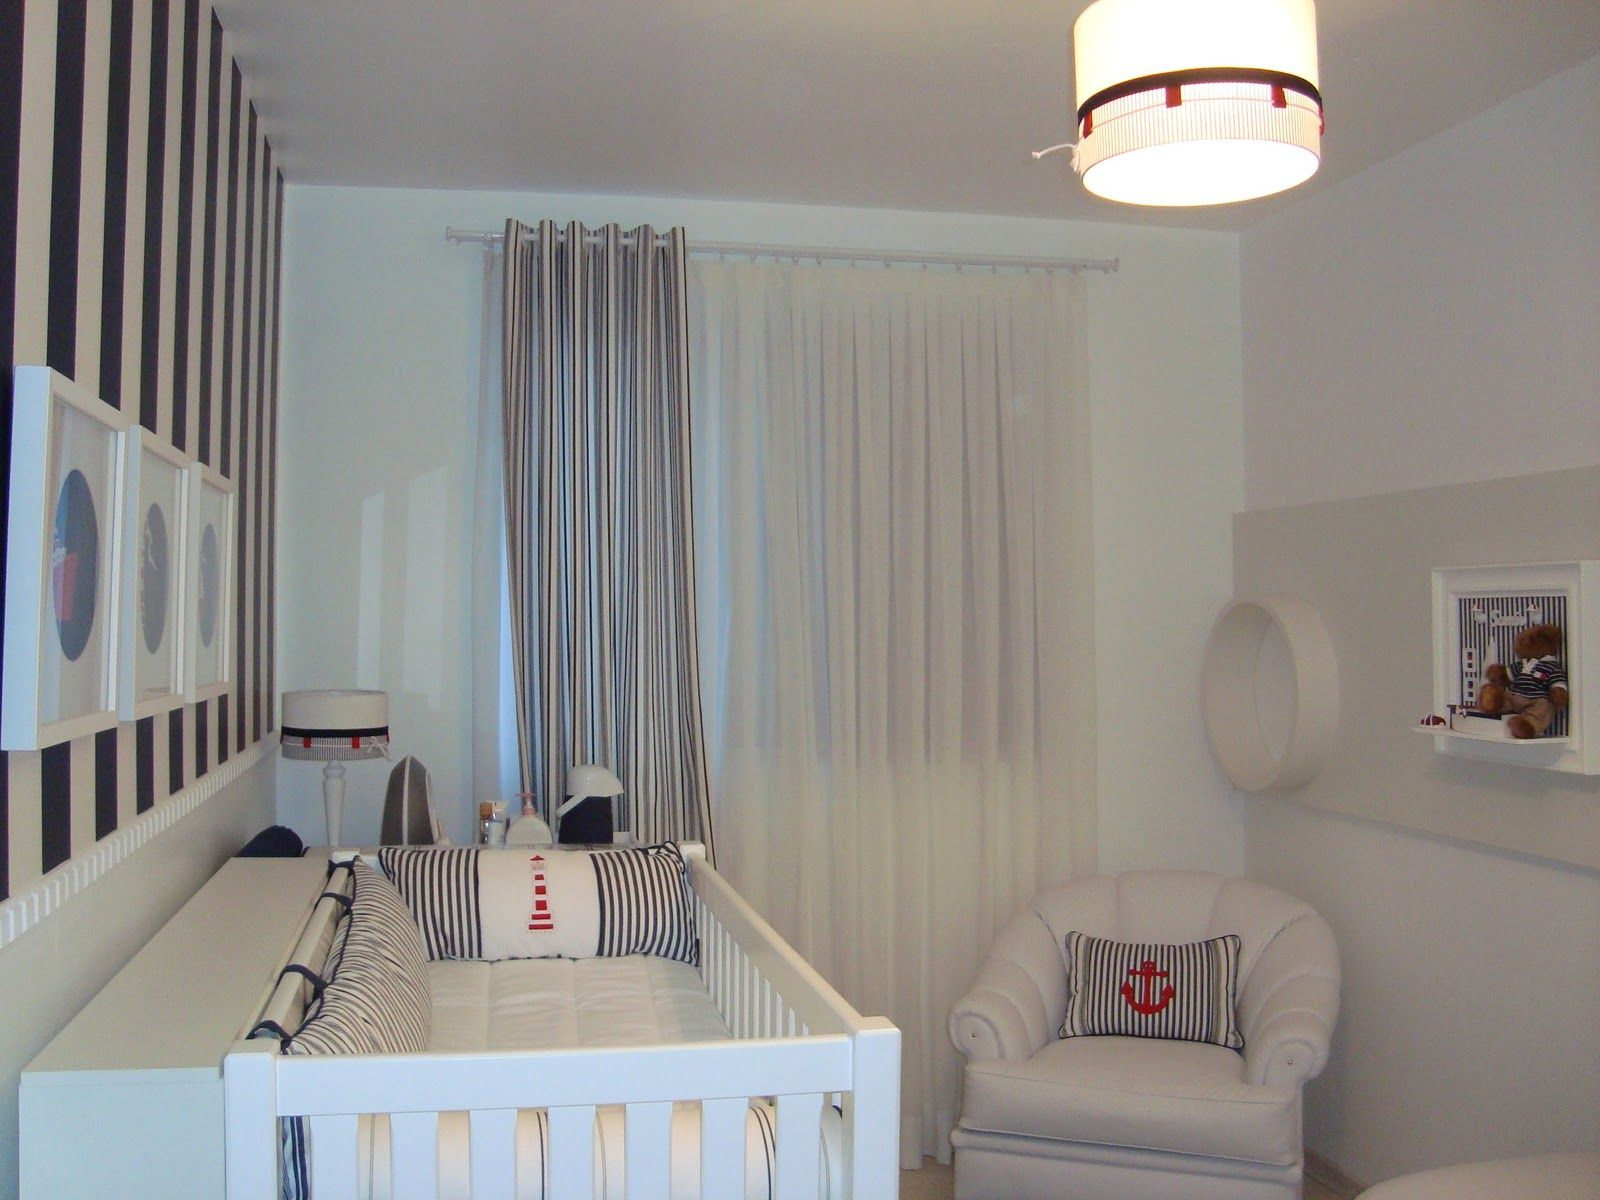 Quarto Para Bebe Decorado Motivos Nauticos Jpg 1600 1200 Baby  ~ Quarto Decorado Para Bebe Masculino